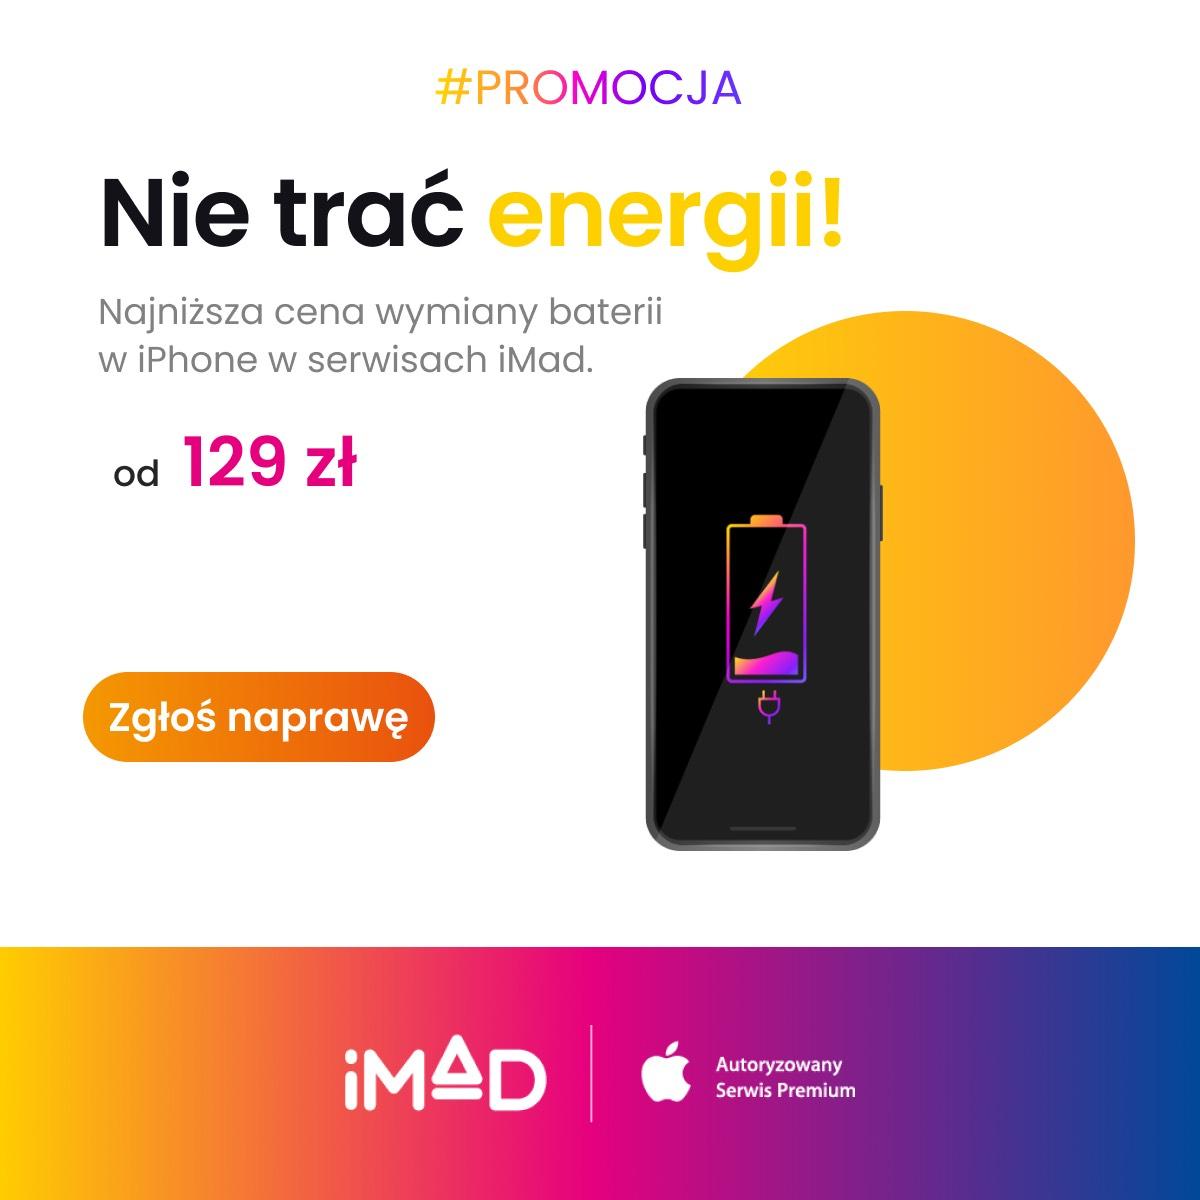 Wymiana baterii w iPhone w iMad za 129 i 229 zł